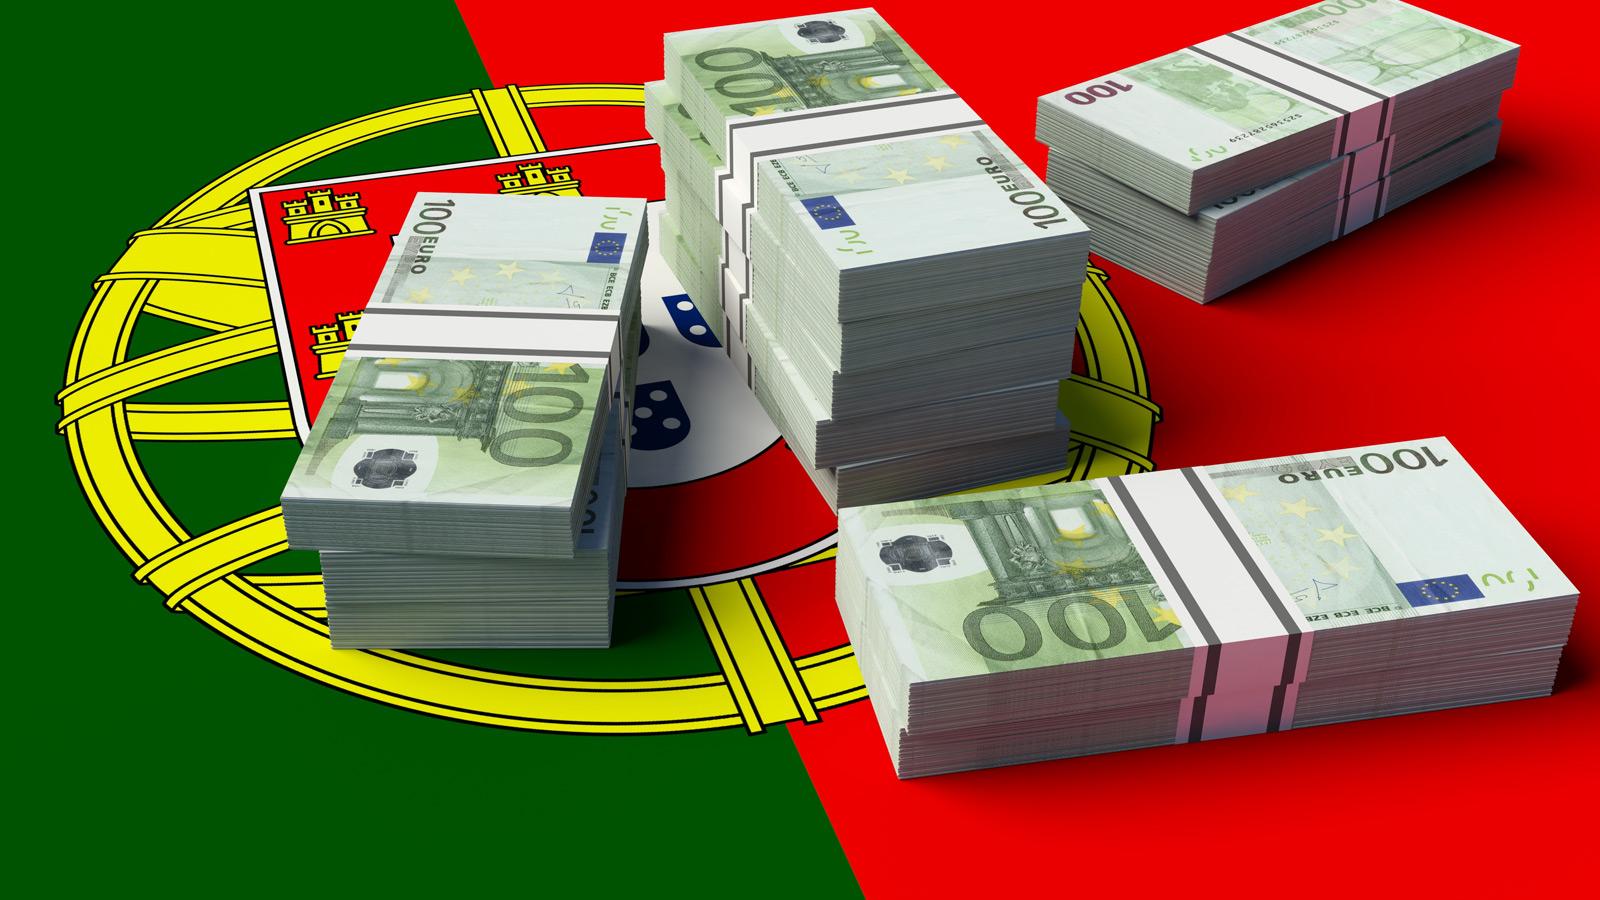 Conheça os prazos de prescrição das dívidas ao Estado (Finanças e Segurança Social).